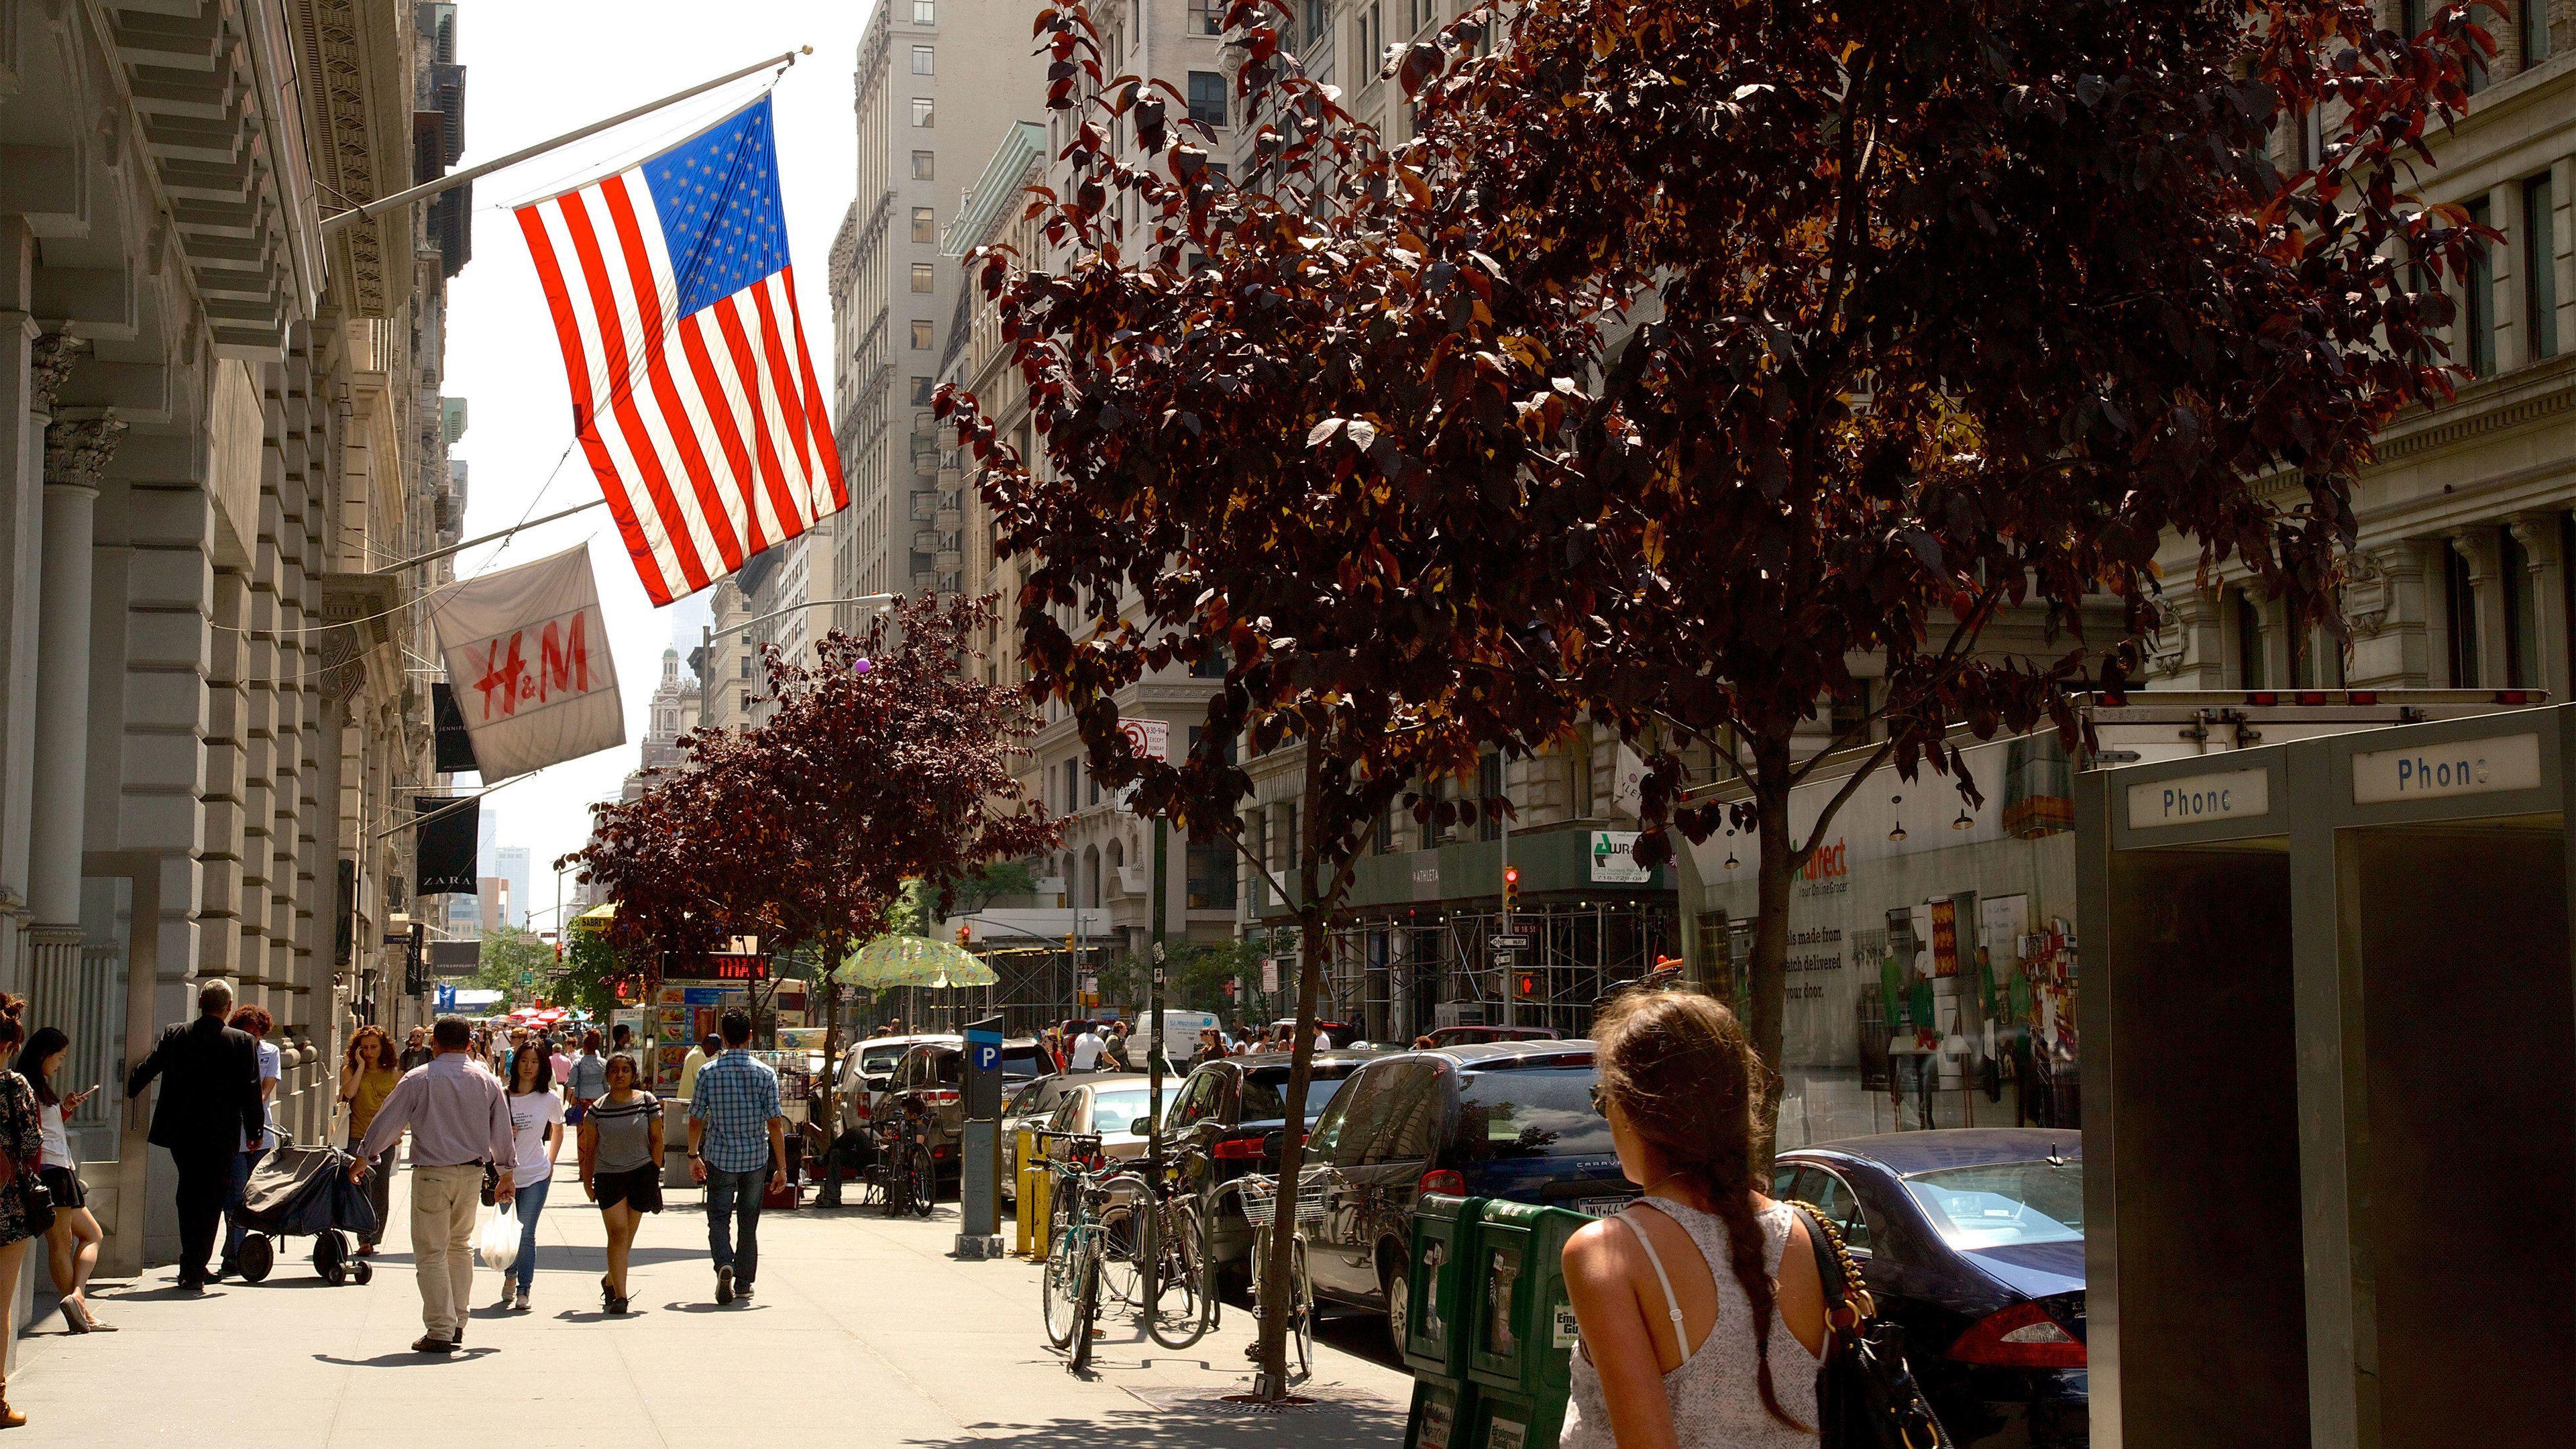 Fifth Avenue sidewalk in New York